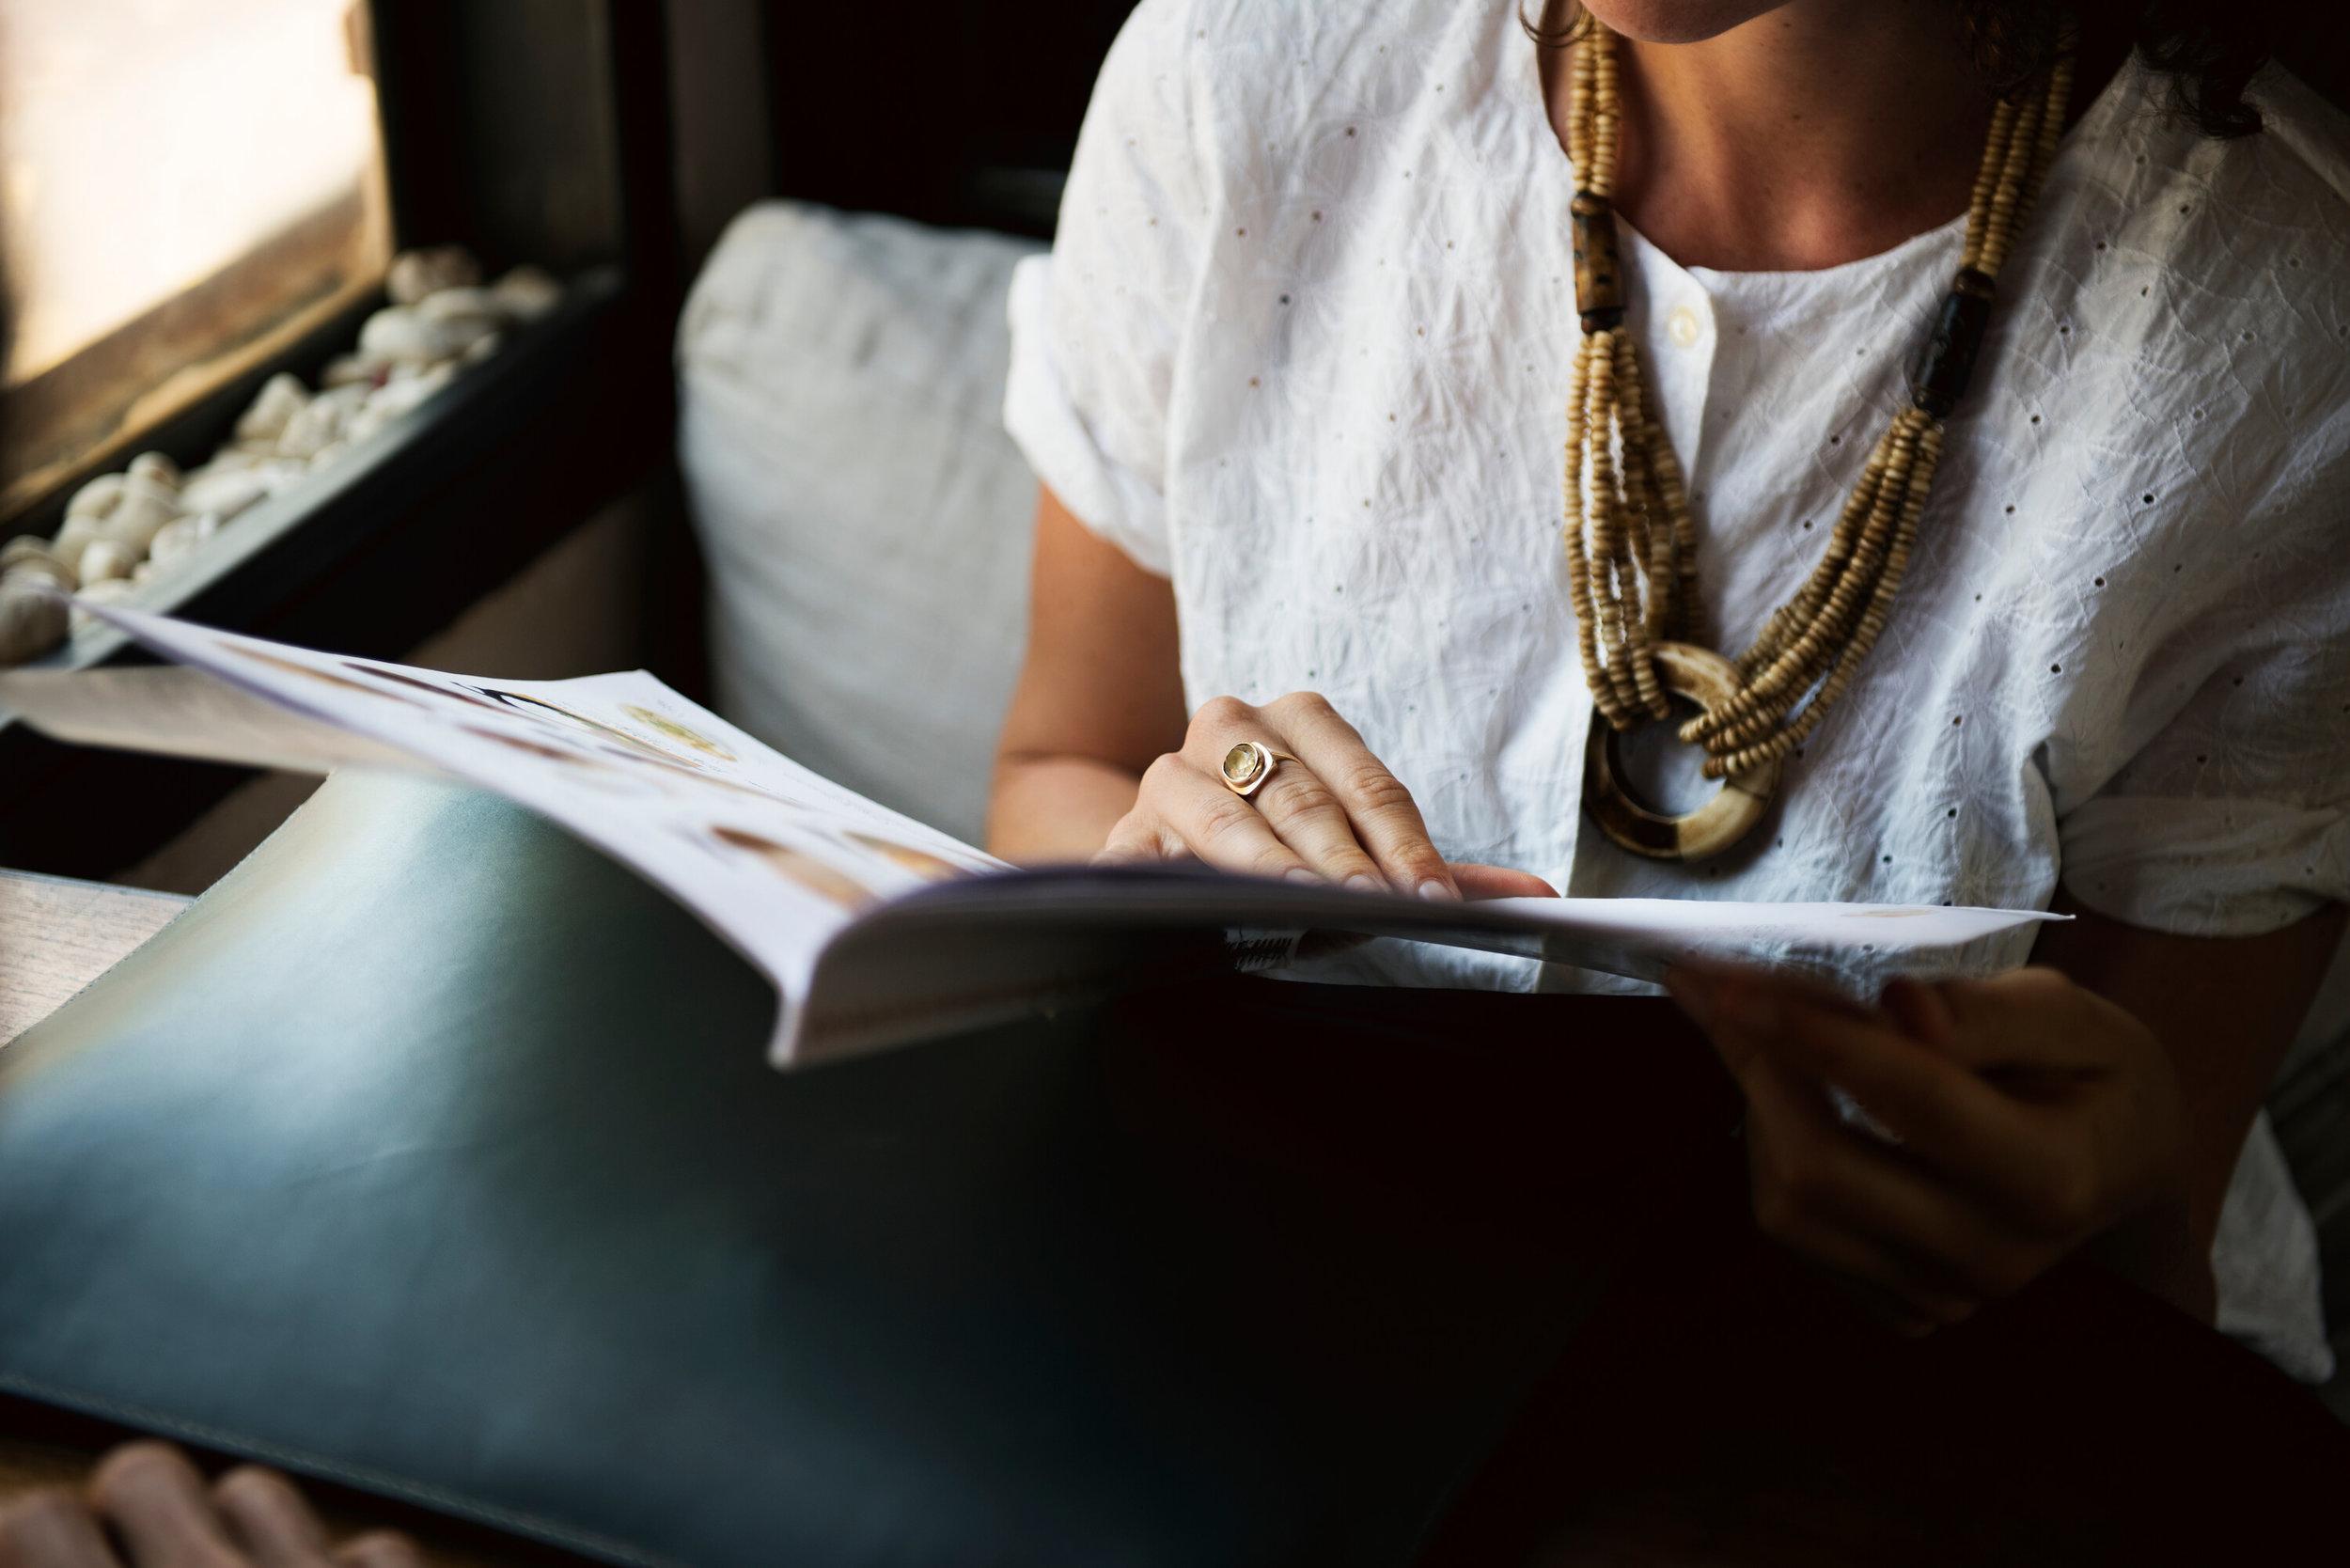 hatch-tribe-women-reading-books-entrepreneurs-business